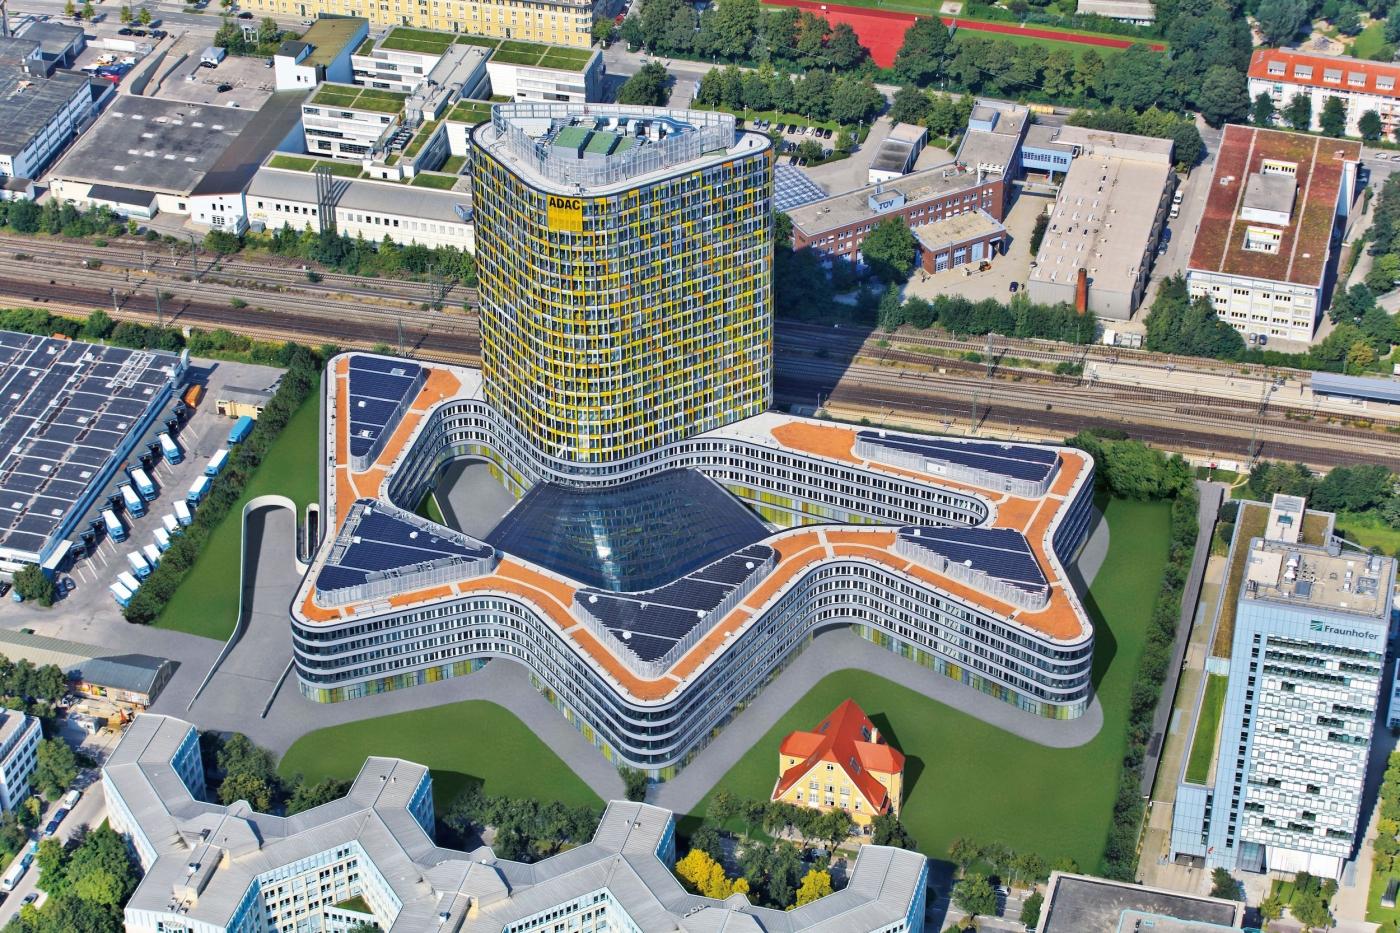 Офисный комплекс ADAC в Мюнхене